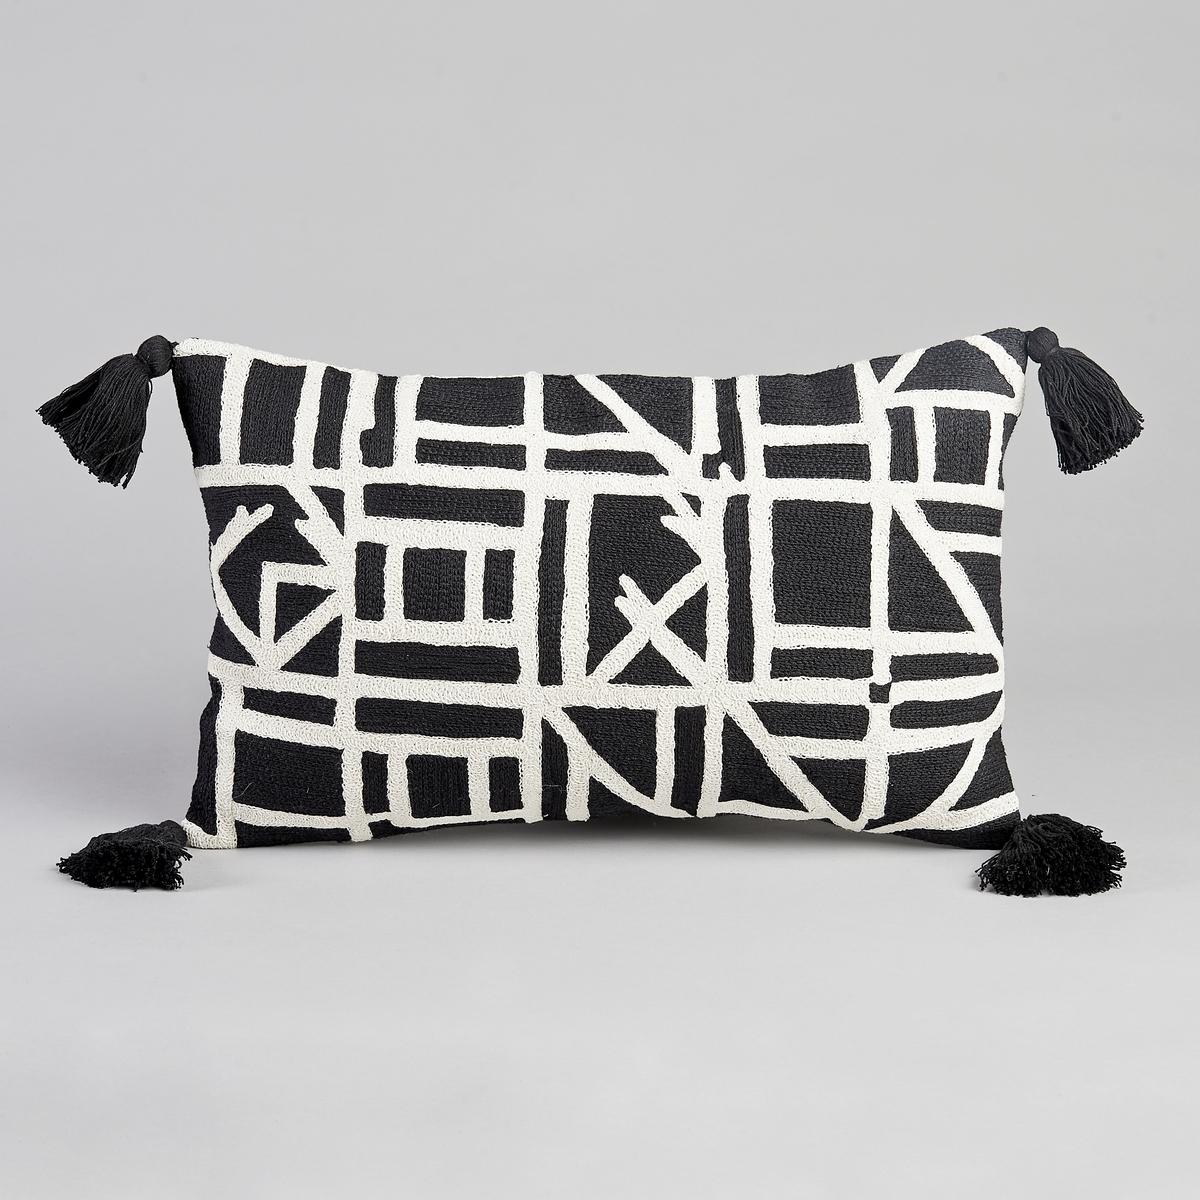 Чехол для подушки AstiusЧехол для подушки Astius. Черно-белый рисунок. 100% хлопок с вышивкой из 100% акрила. 4 помпона. Скрытая застежка на молнию. Размеры. : 50 x 30 см. Подушка продается на сайте отдельно.<br><br>Цвет: черный/ белый<br>Размер: 50 x 30 см